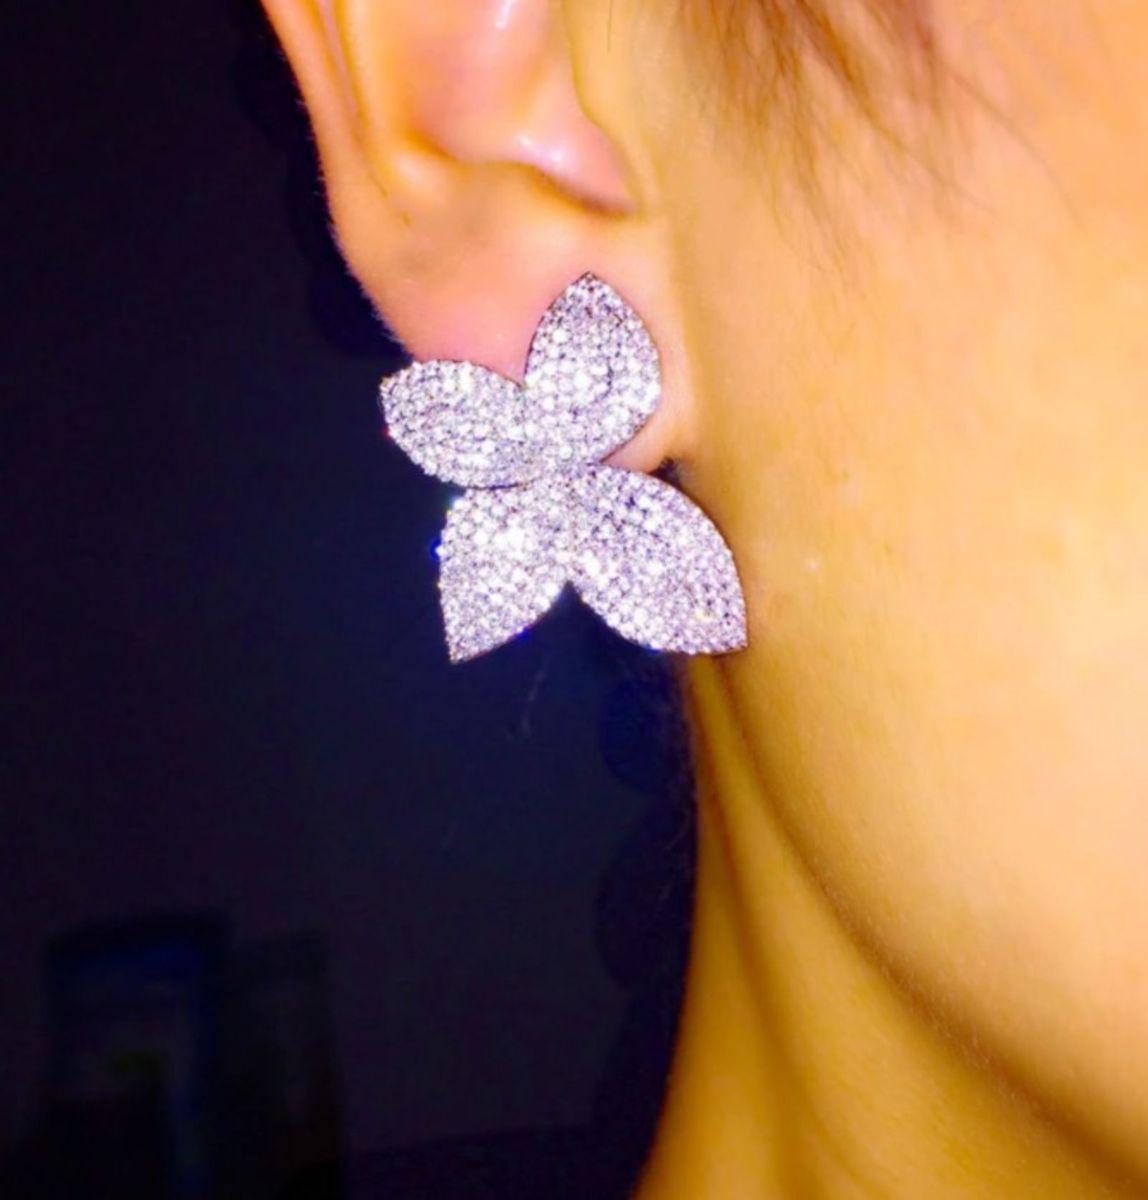 brinco borboleta banhado em platina cravejado com micro zircônias pave chique - jóias life